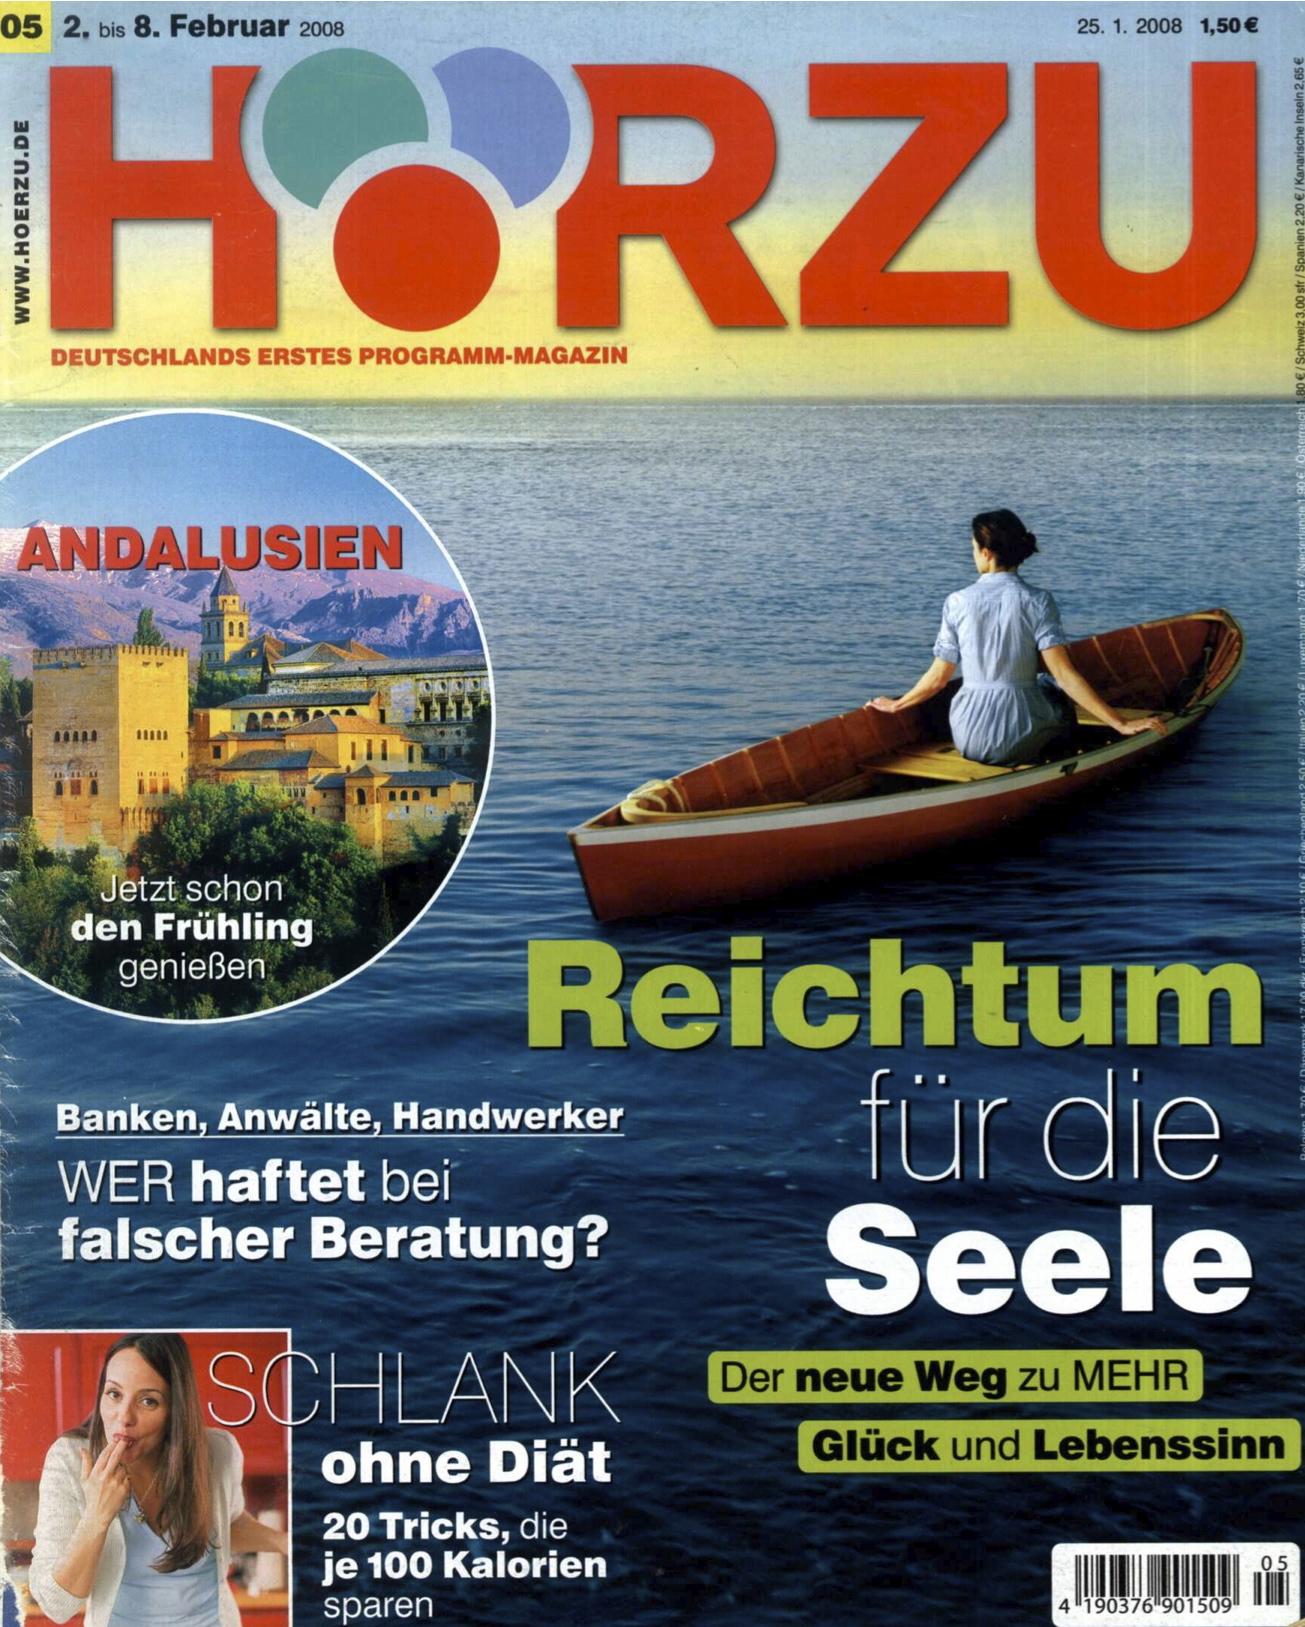 HZ_8.2.2008_Cover.jpg